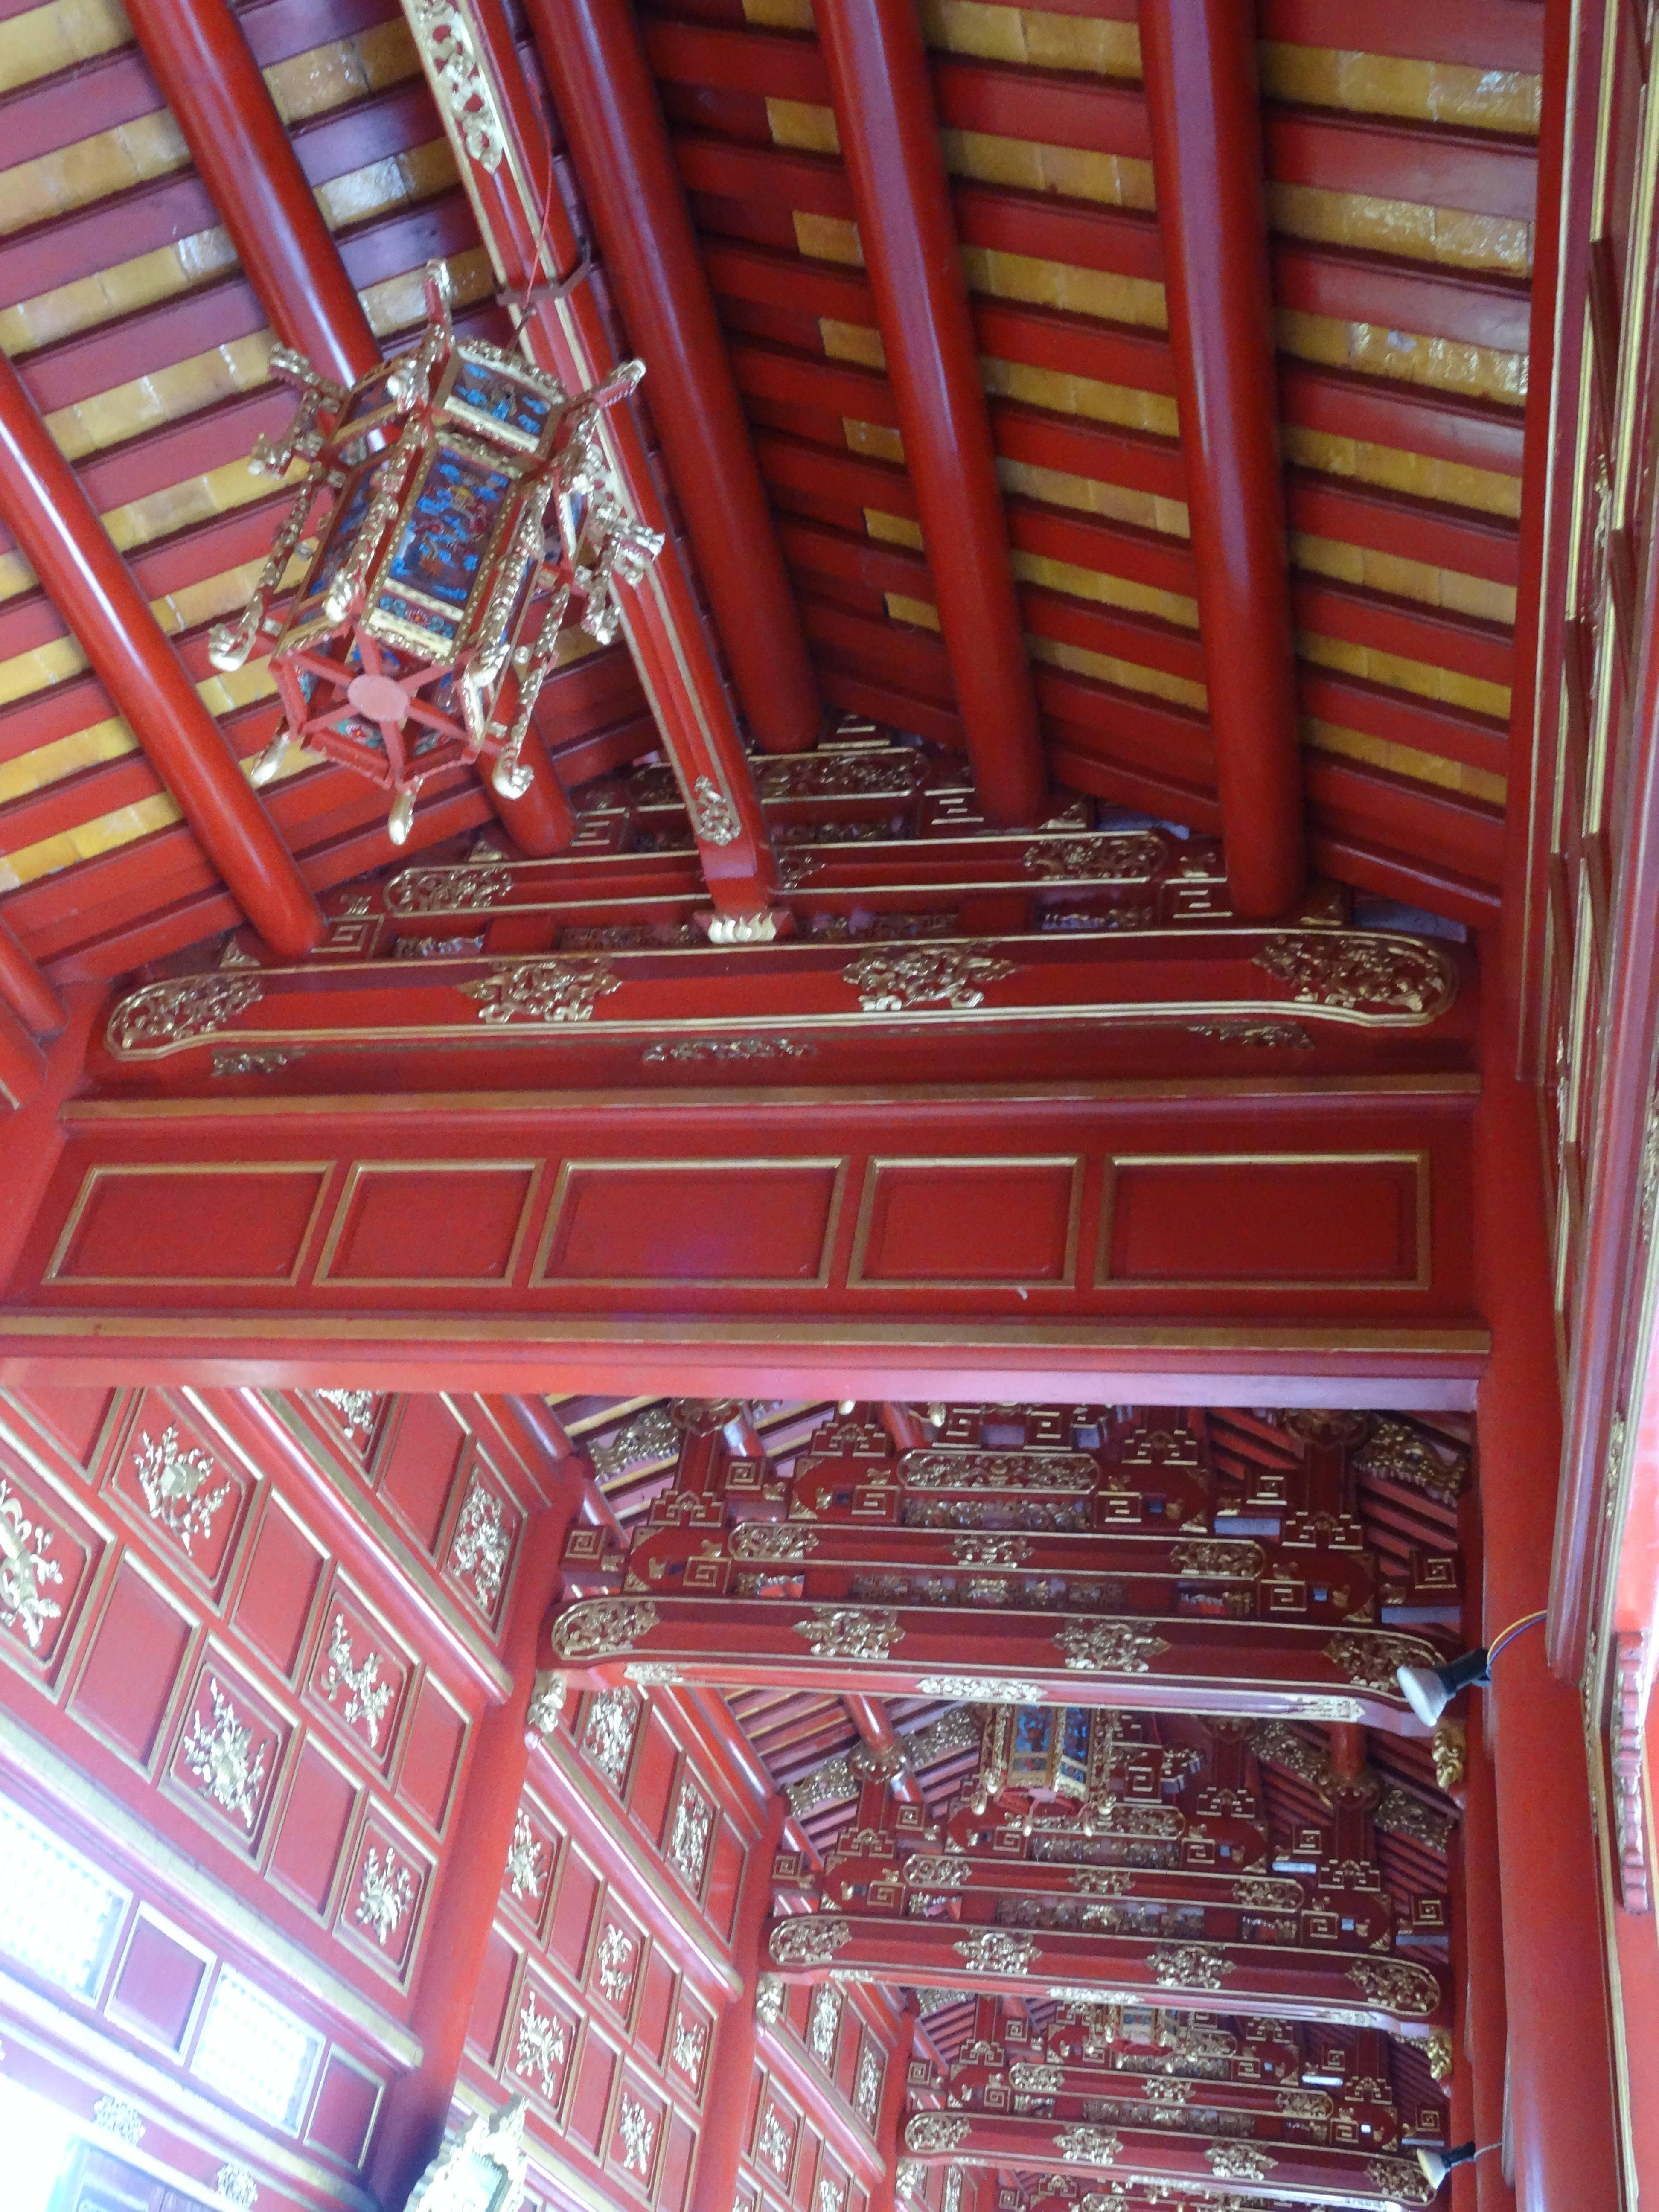 Photo 3: Hué et la Cité impériale (Vietnam) quelle merveille...